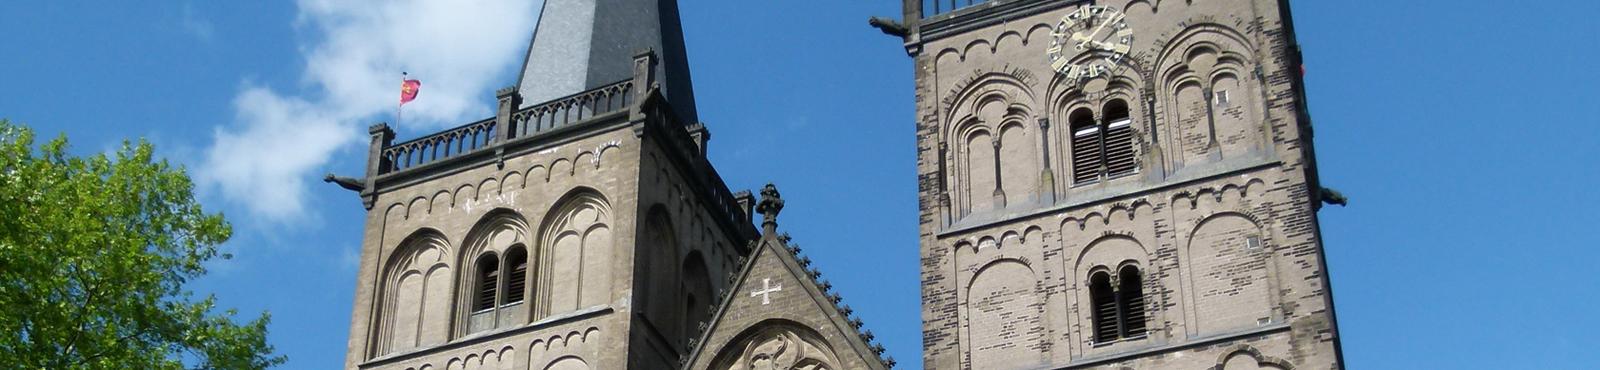 Kirchen, die Gruppen in meiner Nähe haben